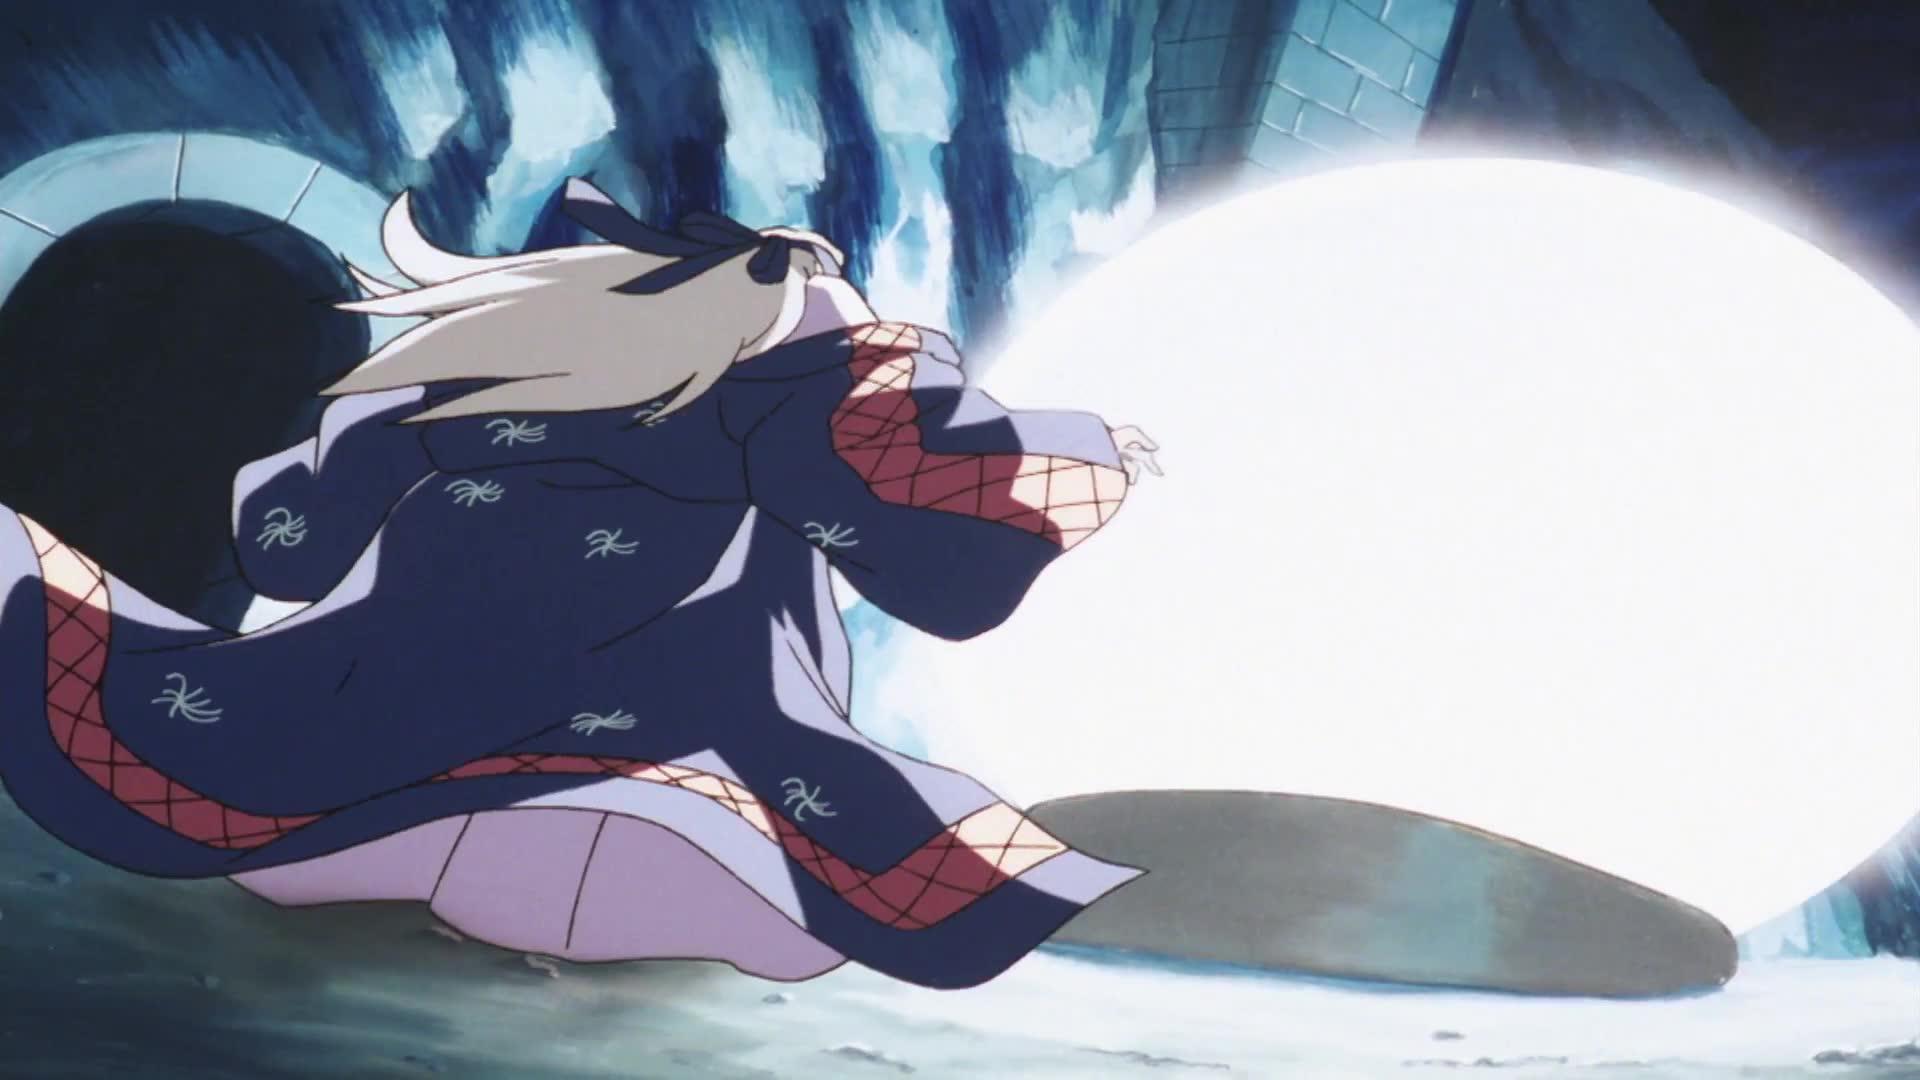 15화 비운의 무녀 키쿄우의 부활!